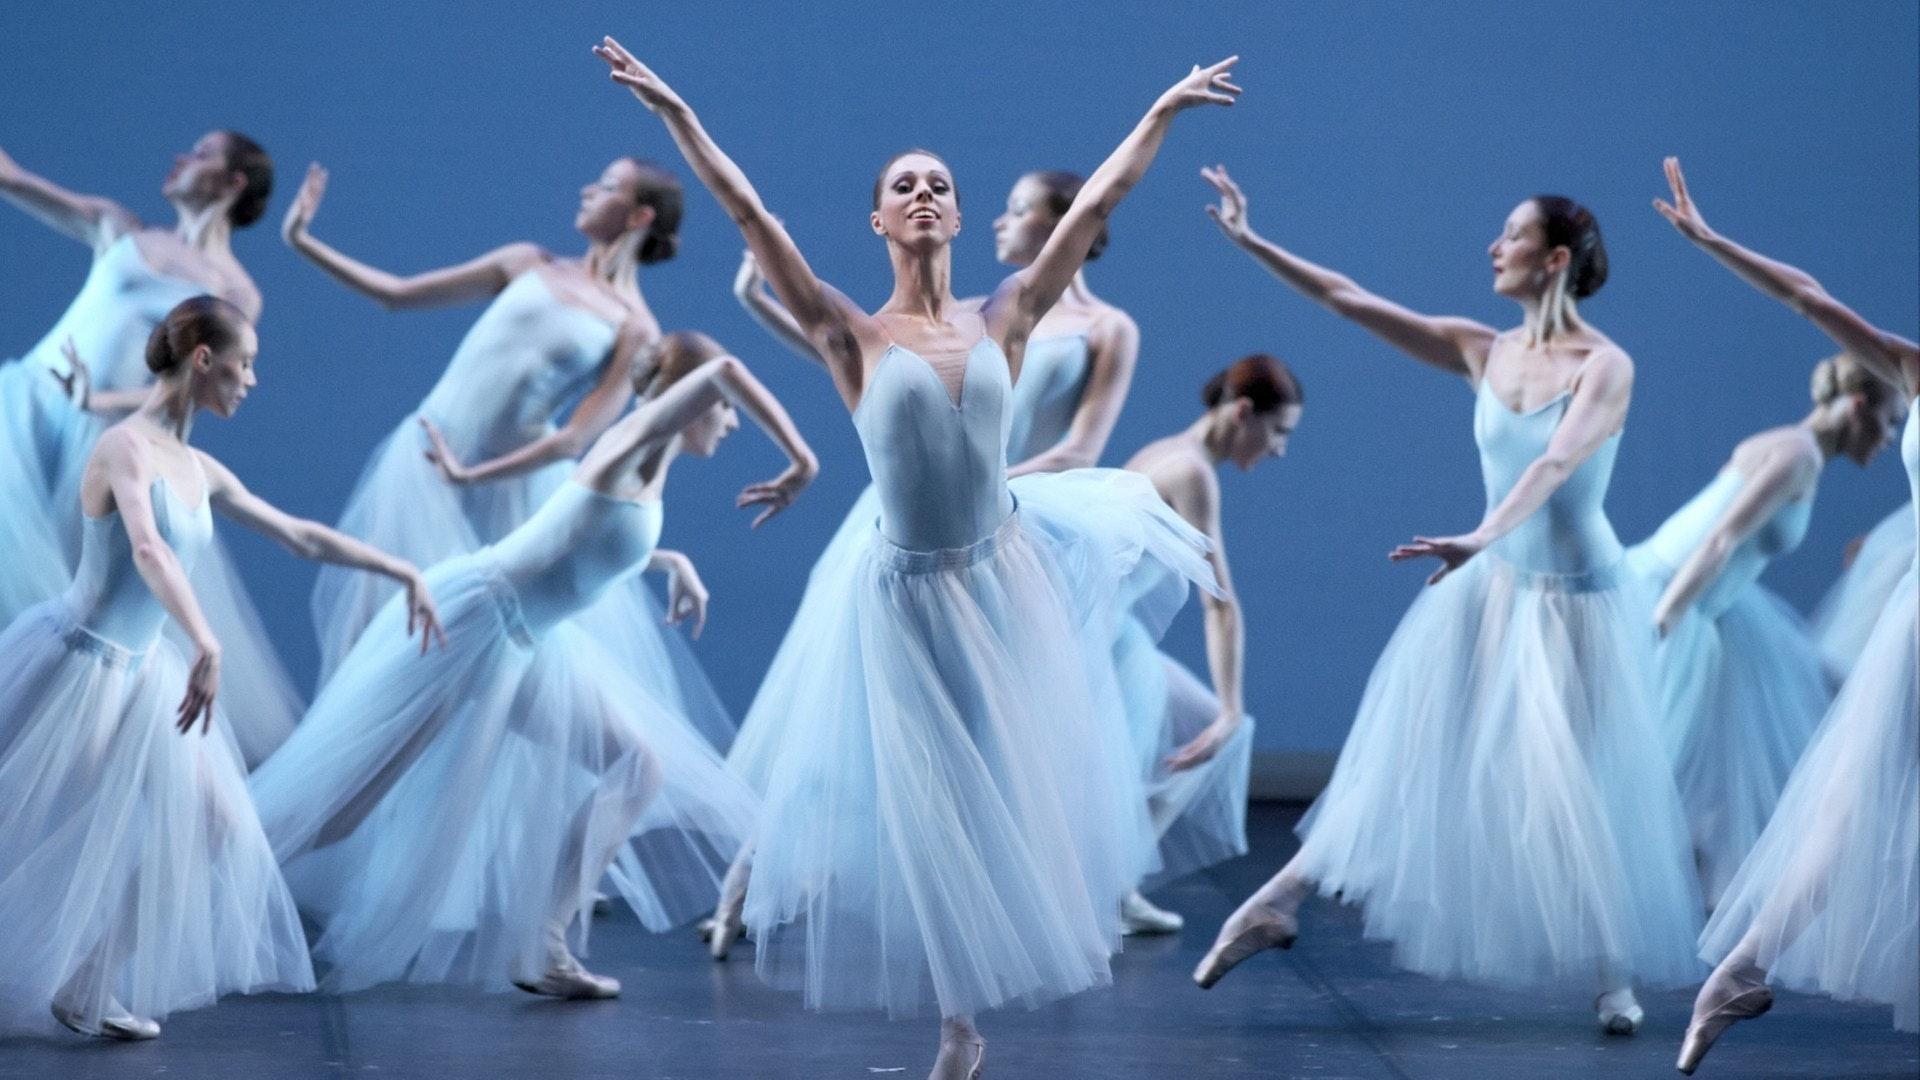 Балет Мариинского театра из Санкт-Петербурга (Россия) в Большом театре в Москве.